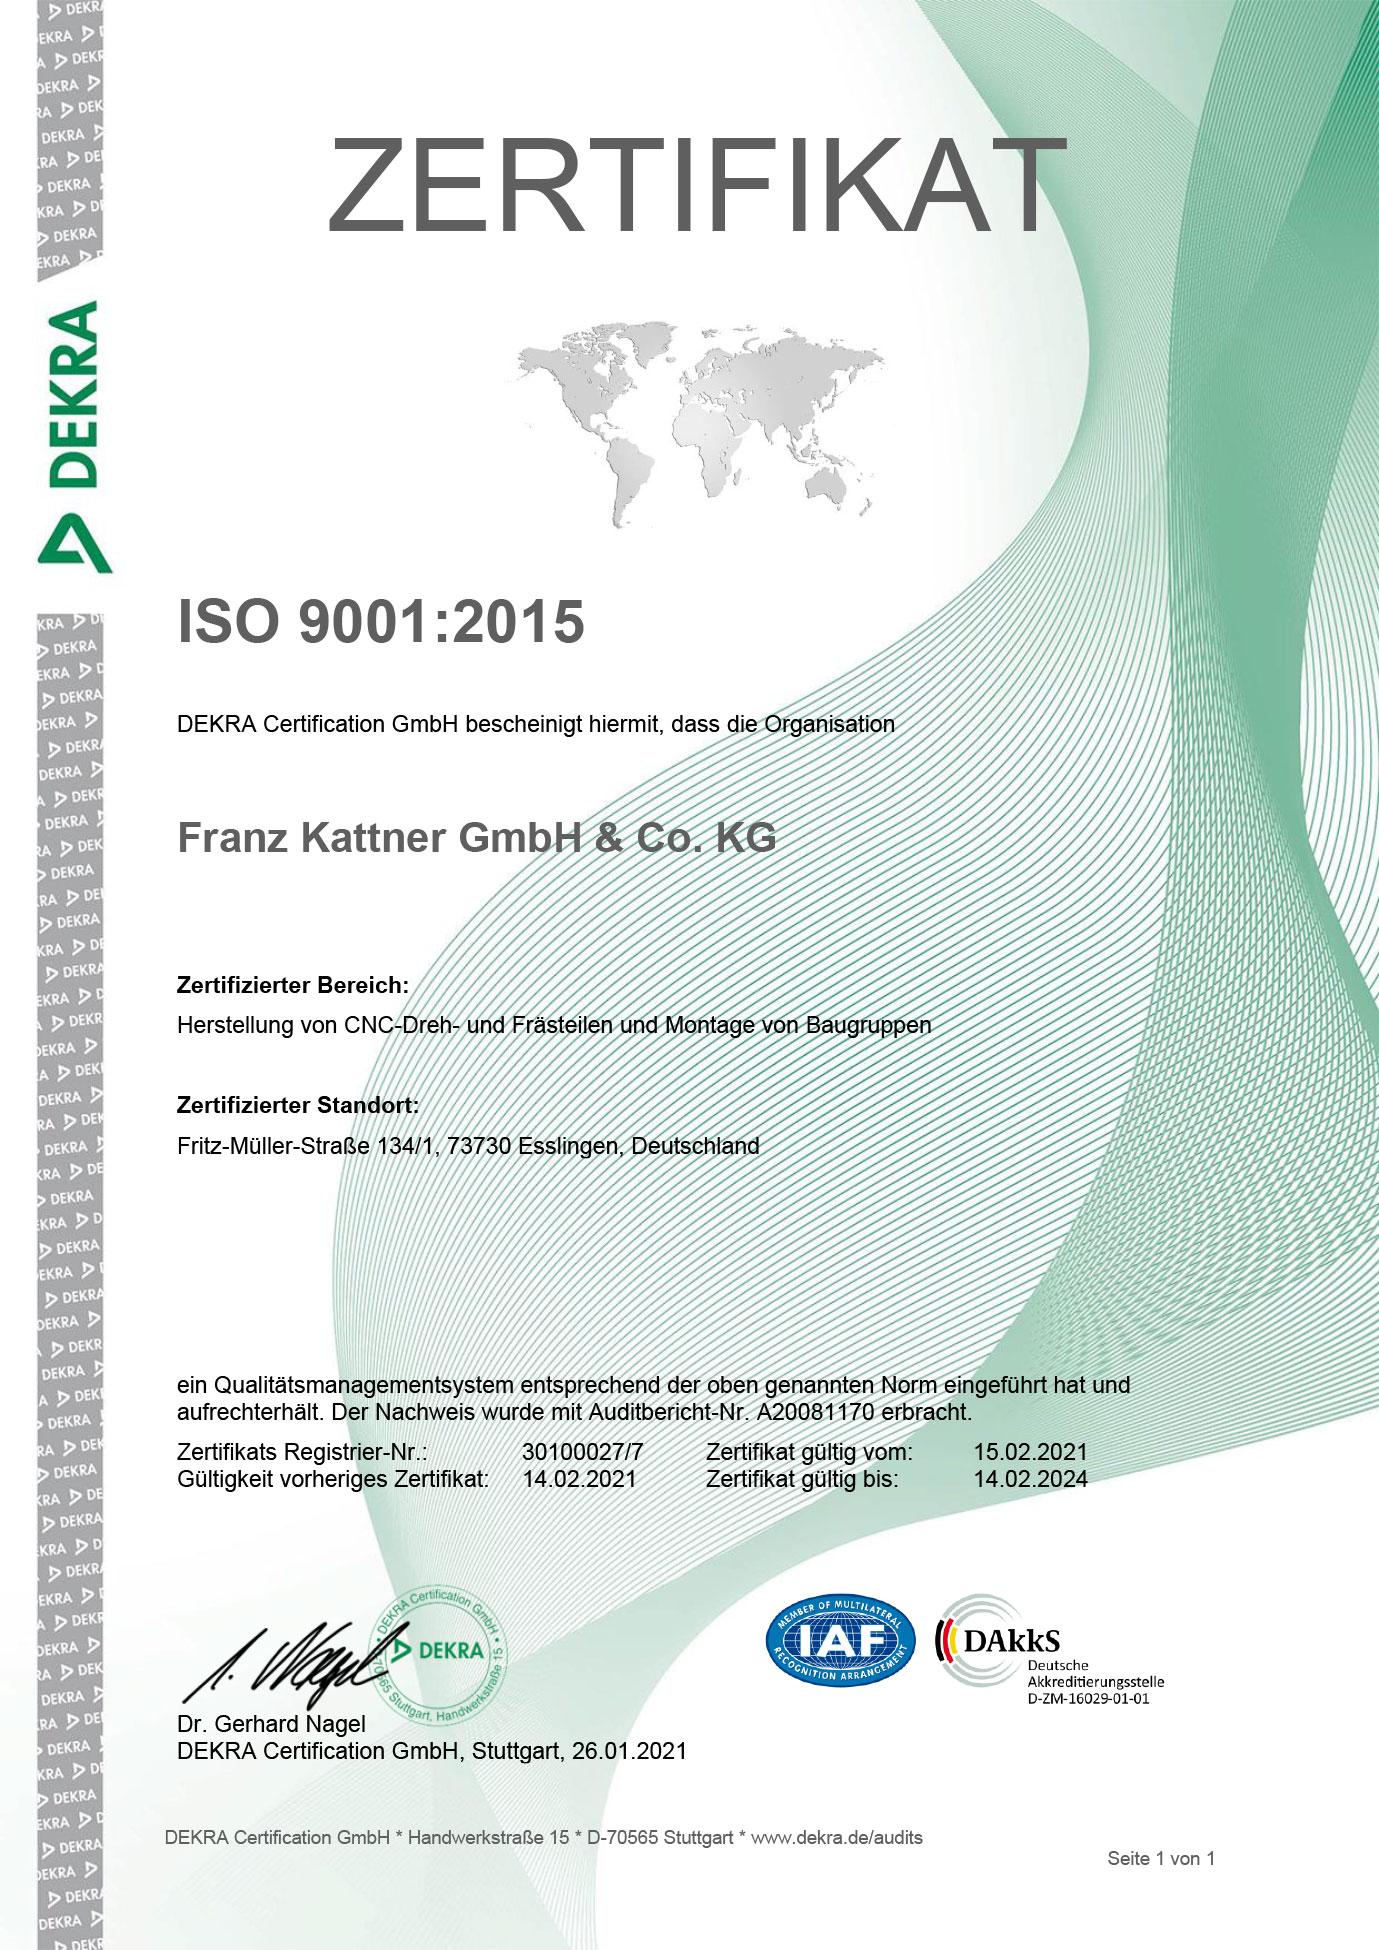 Zertifikat Rezert ISO-9001:2015 de